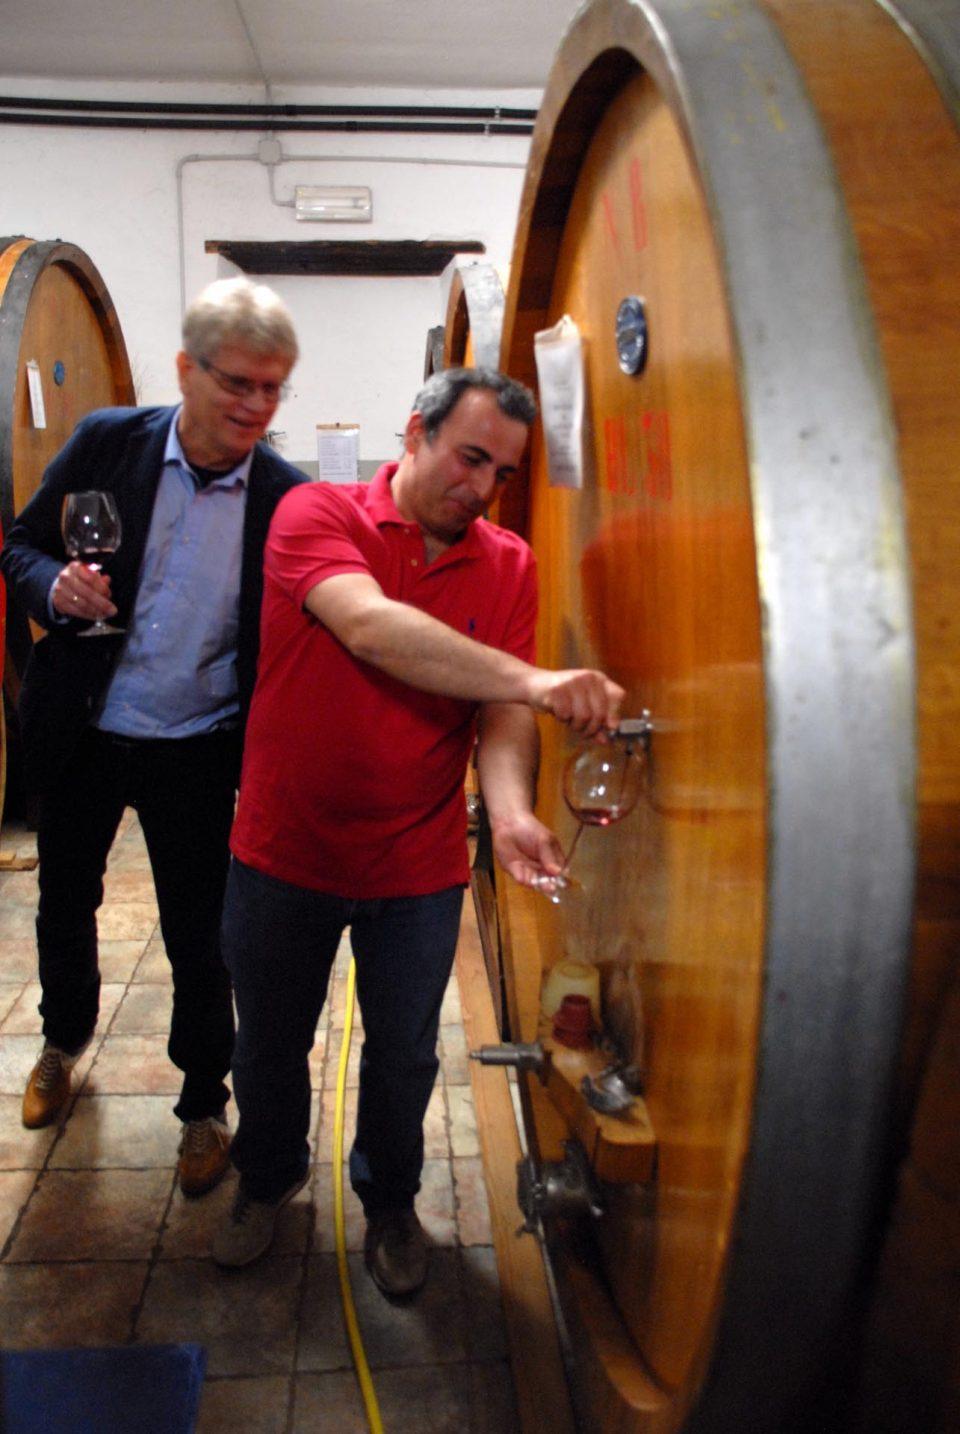 Matteo von Weingut Quercecchio holt Wein aus dem Faß